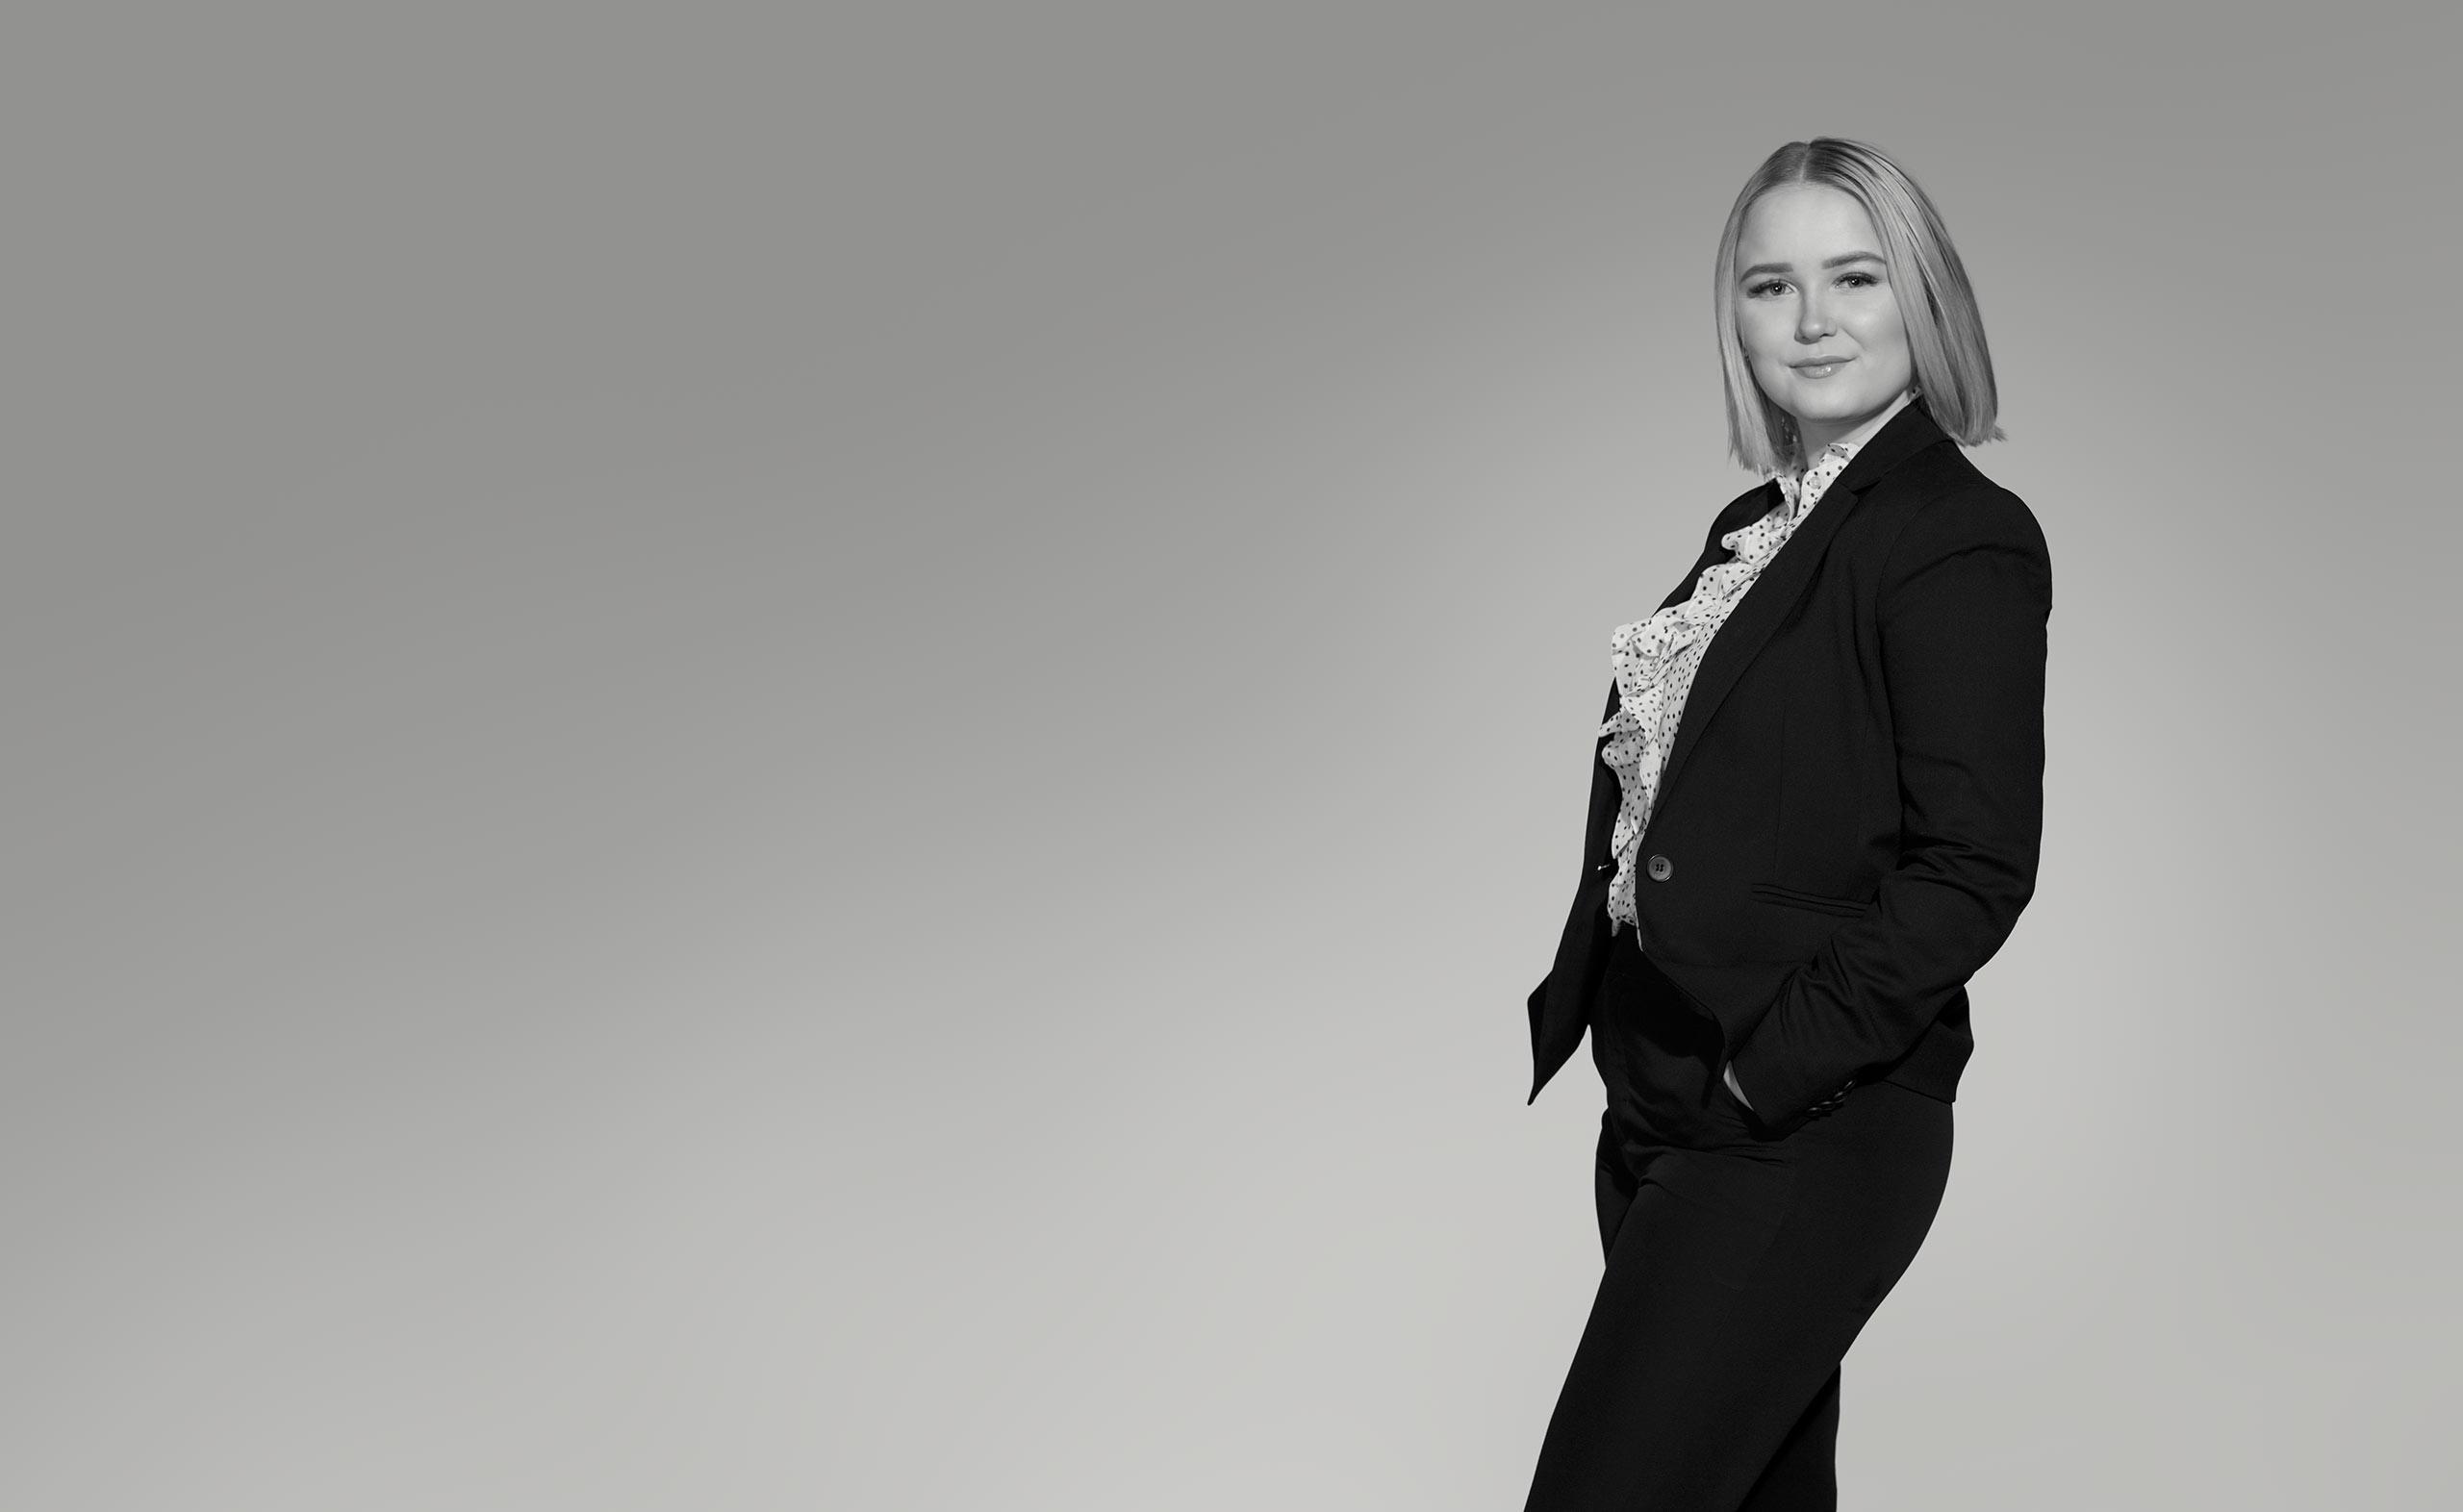 Minna Johansson, Reg. fastighetsmäklare i Vasastan